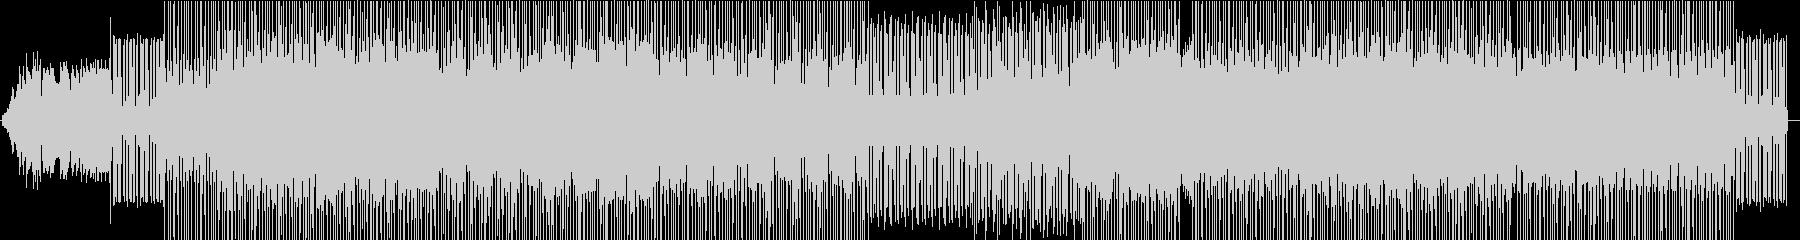 D.A.I.S.Y.の未再生の波形